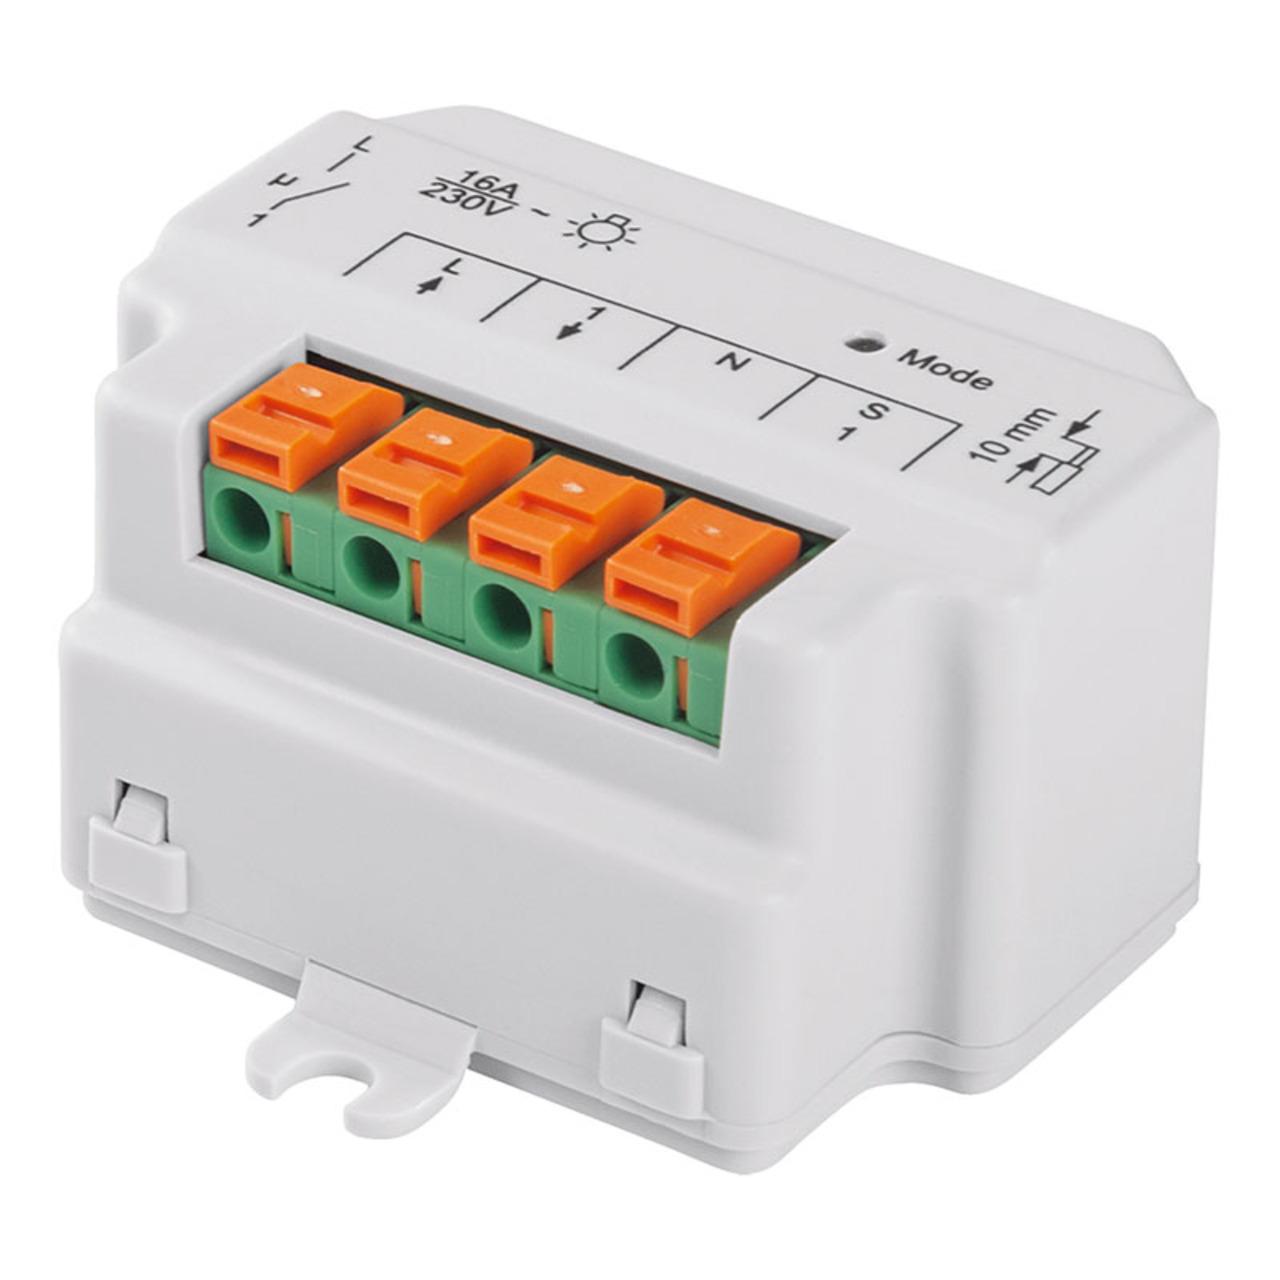 Homematic Unterputzschalter- 1fach HM-LC-SW1-FM fund-252 r Smart Home - Hausautomation